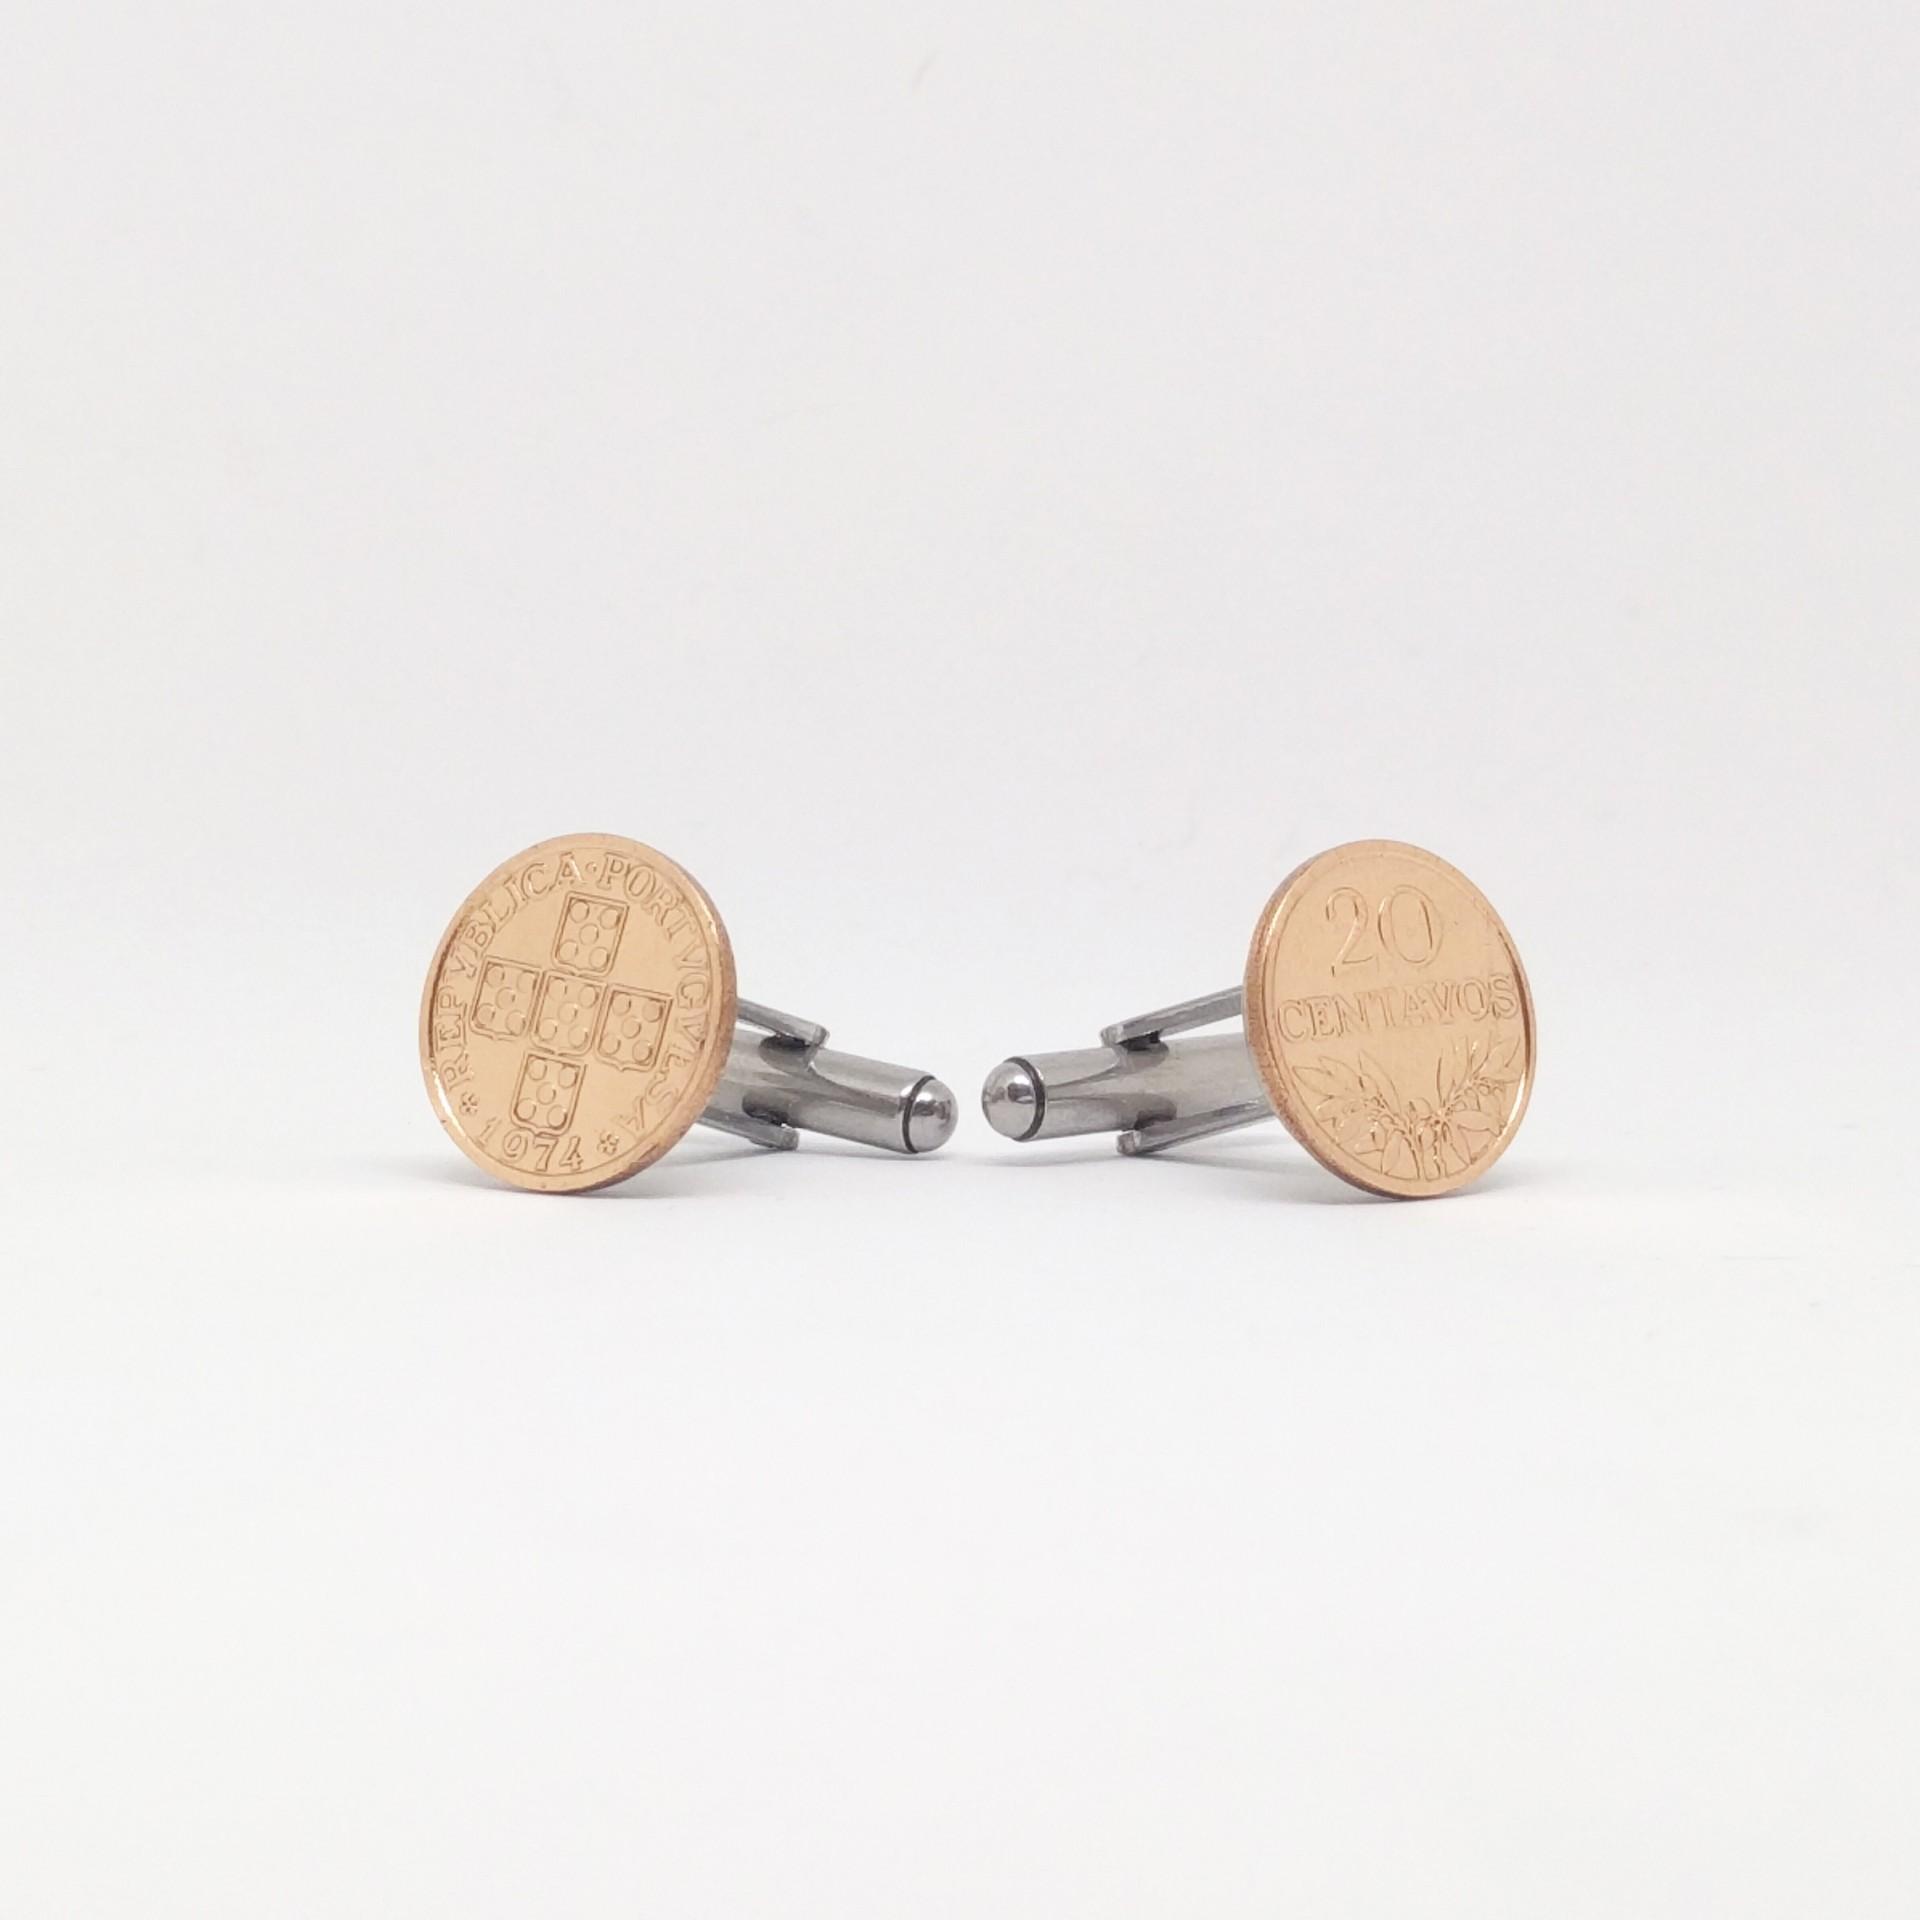 Botões de punho $20 Centavos